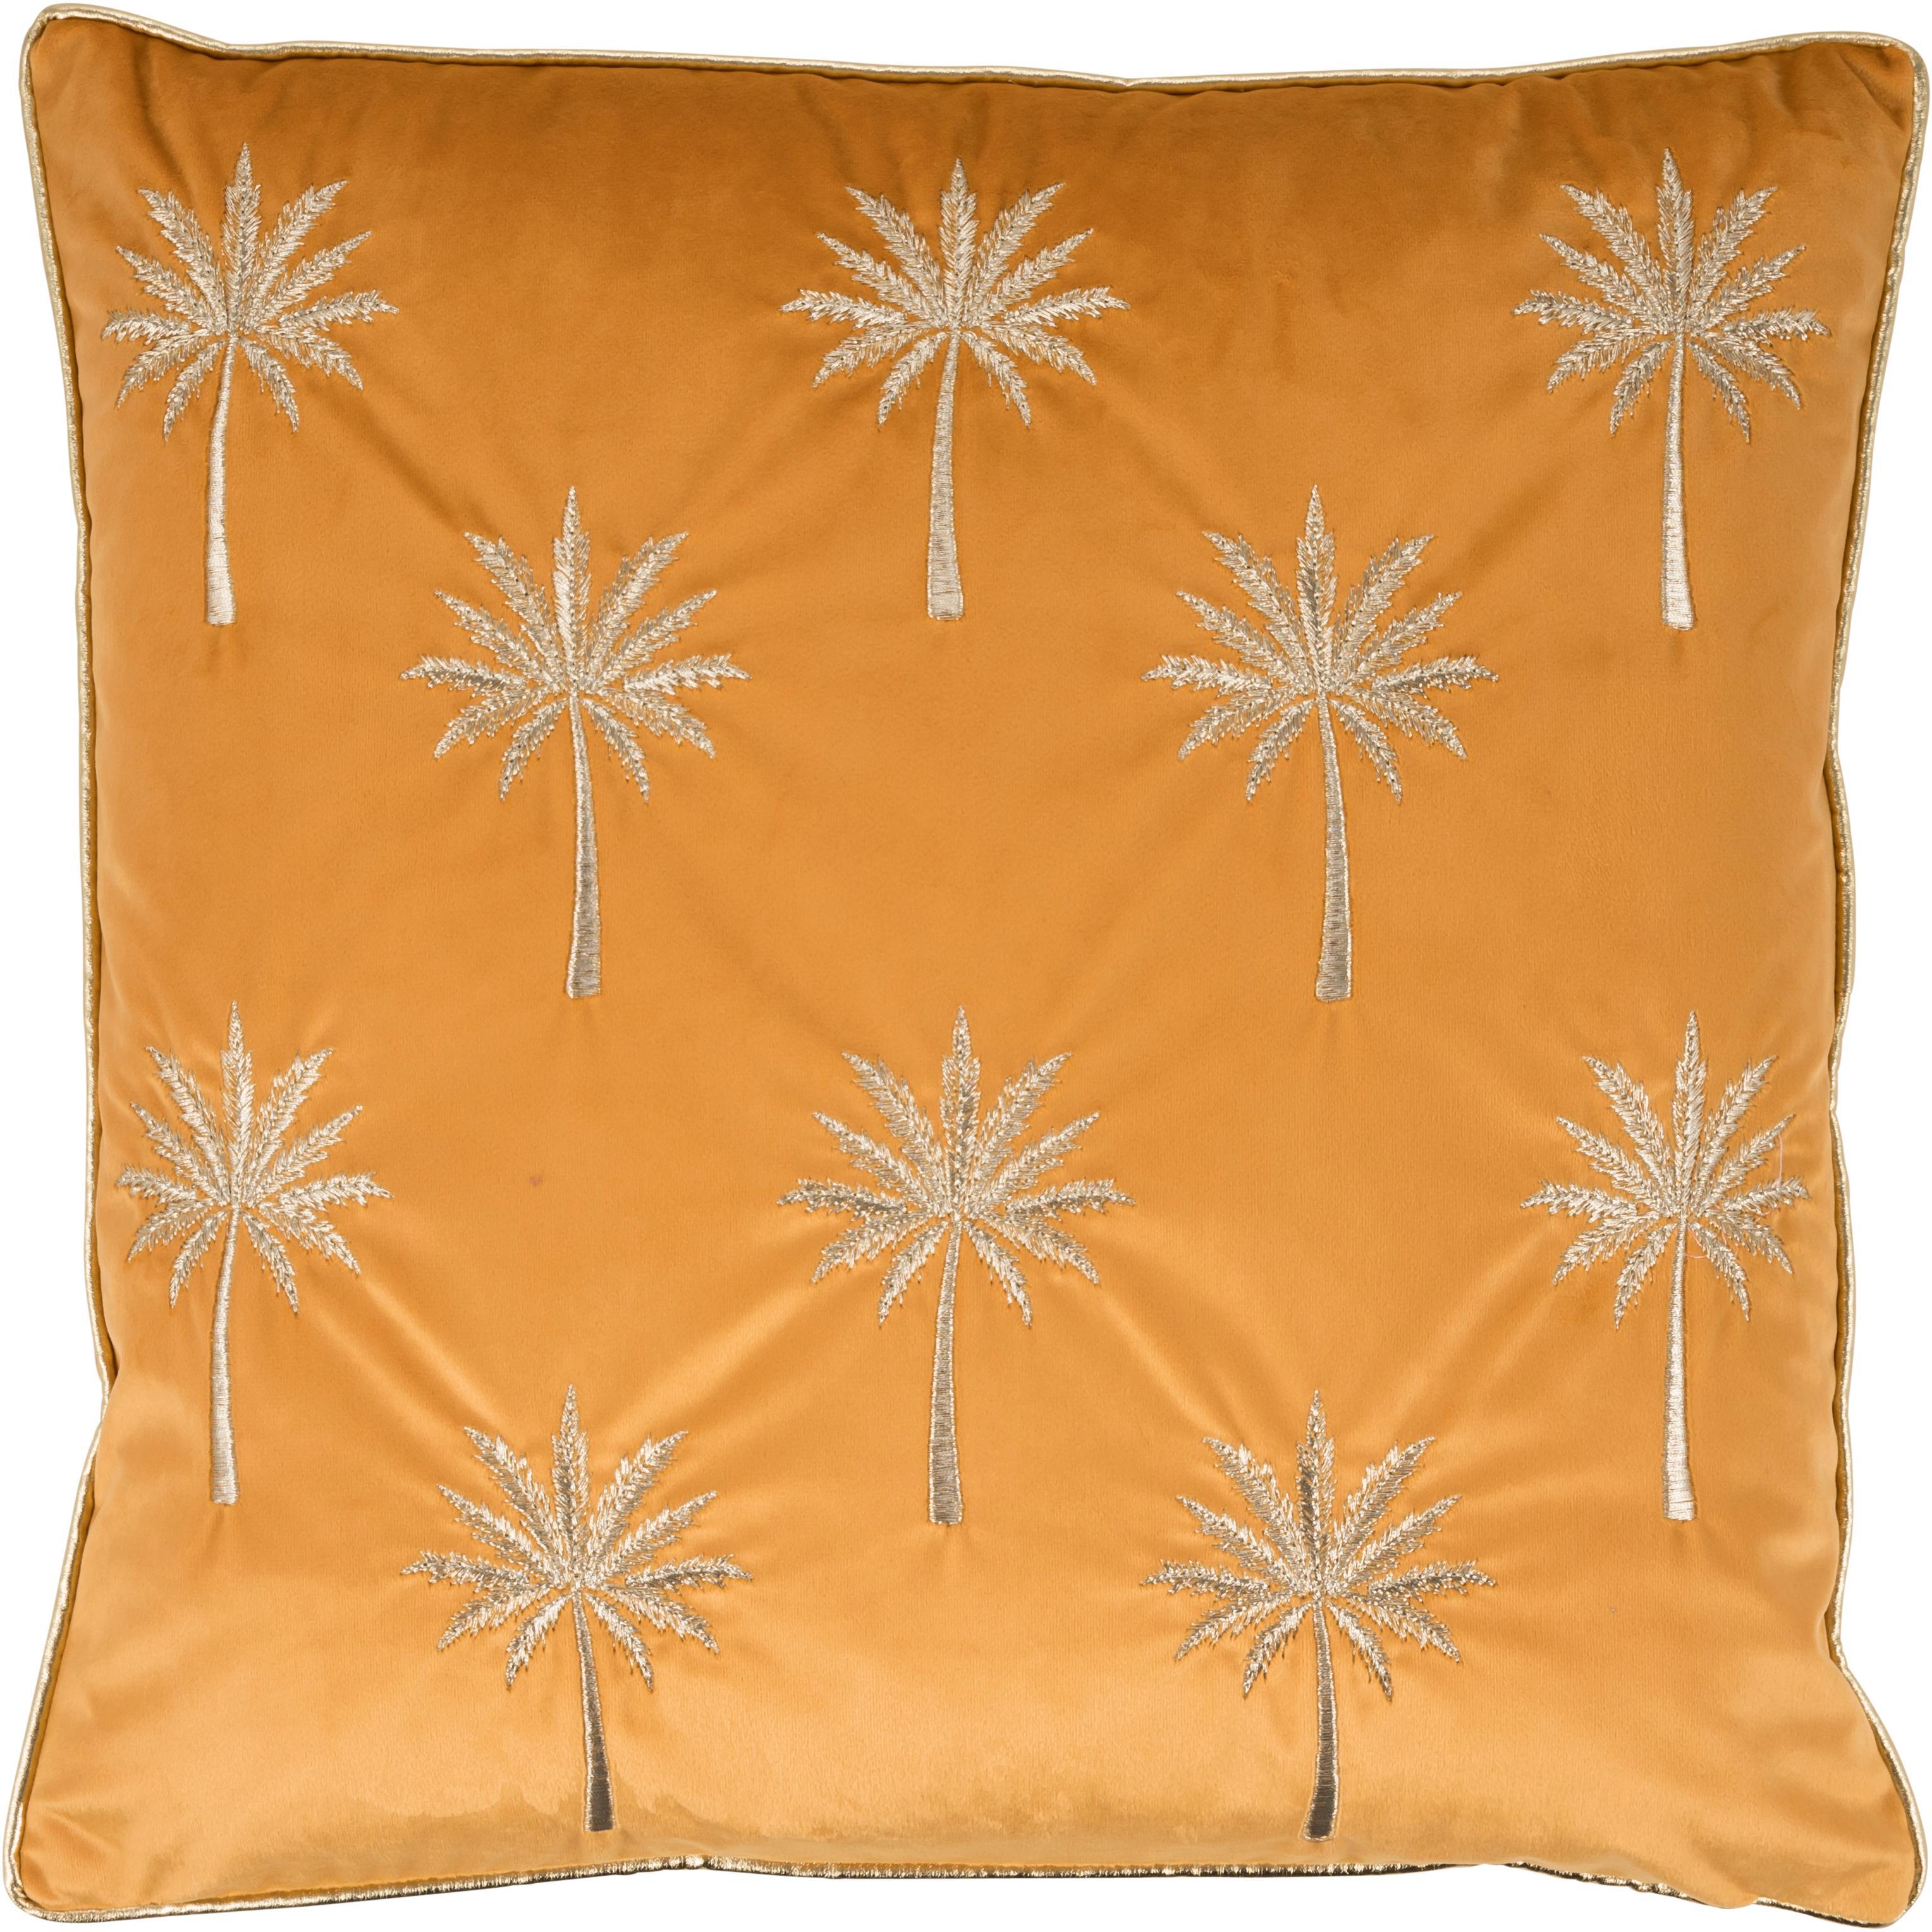 Bestickte Samt-Kissenhülle Palms mit Keder, 100% Samt (Polyester), Orangegelb, Goldfarben, 45 x 45 cm